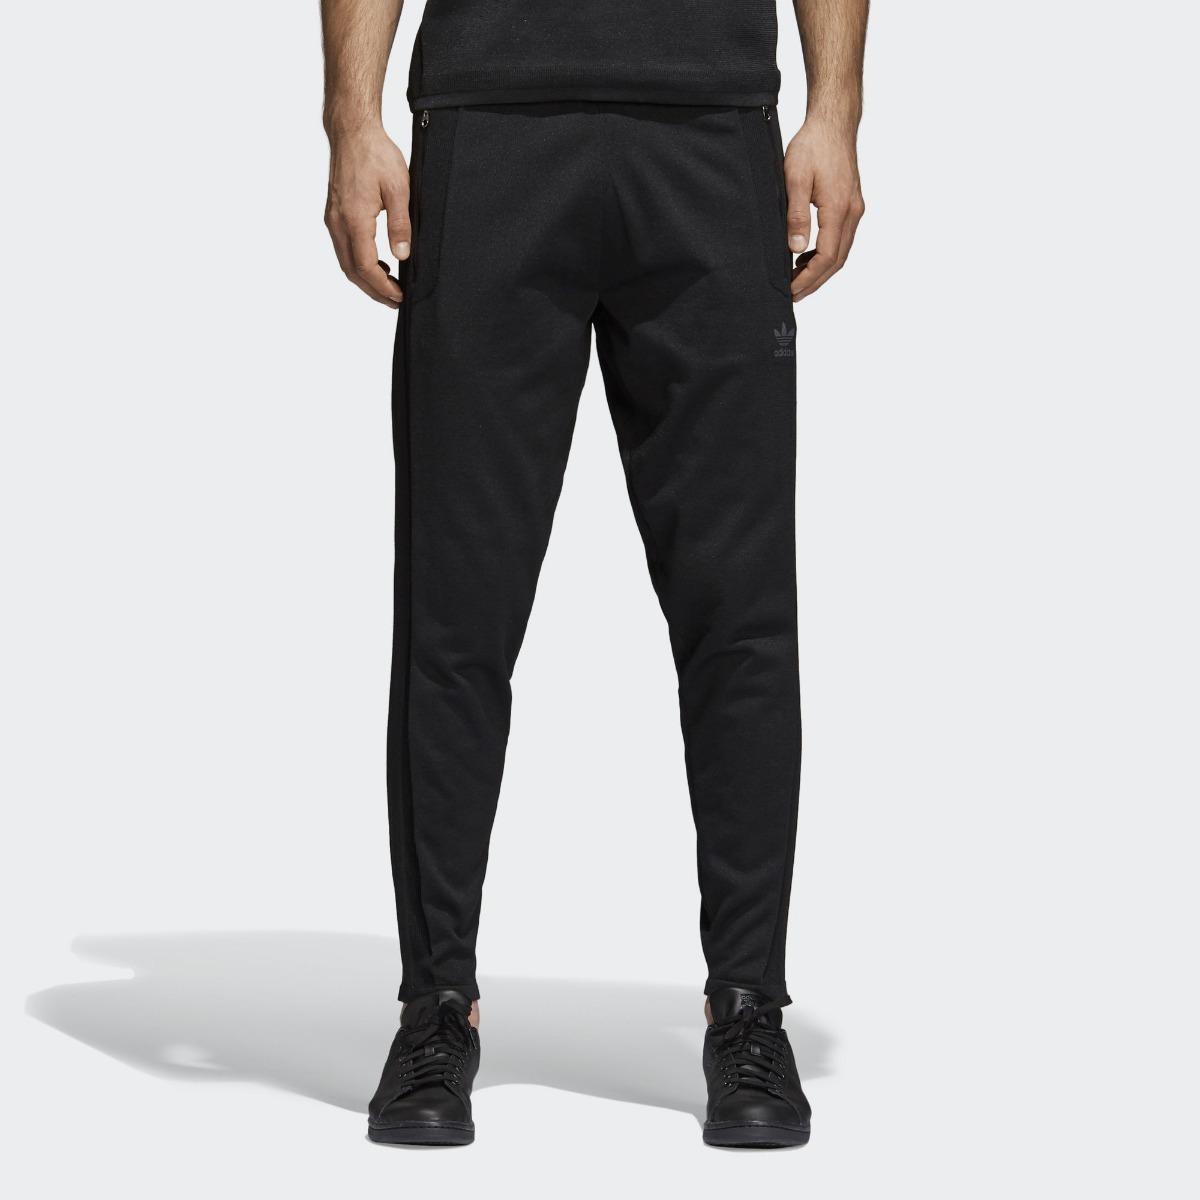 Pants Hombre adidas Track Bb Originals Slim Fit Cw1349